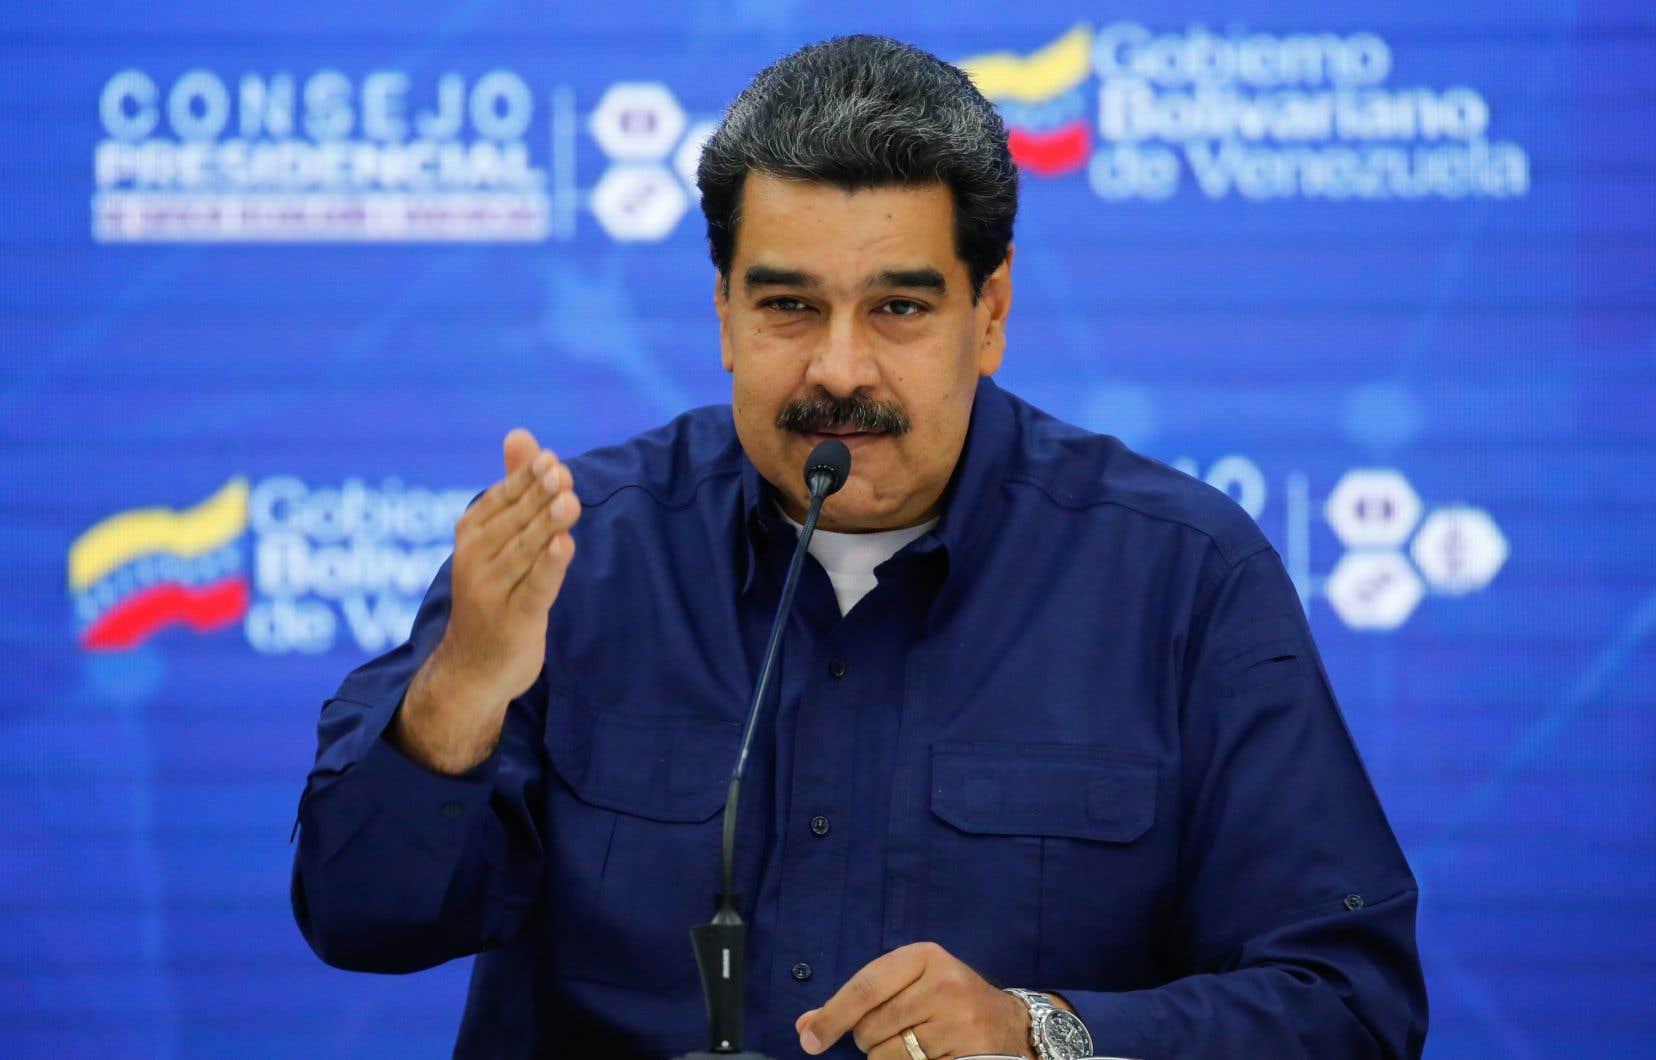 Le président vénézuelien a ajouté qu'une arrivée des médicaments ou de matières premières permettant de produire des médicaments sera annoncée dans les prochains jours.